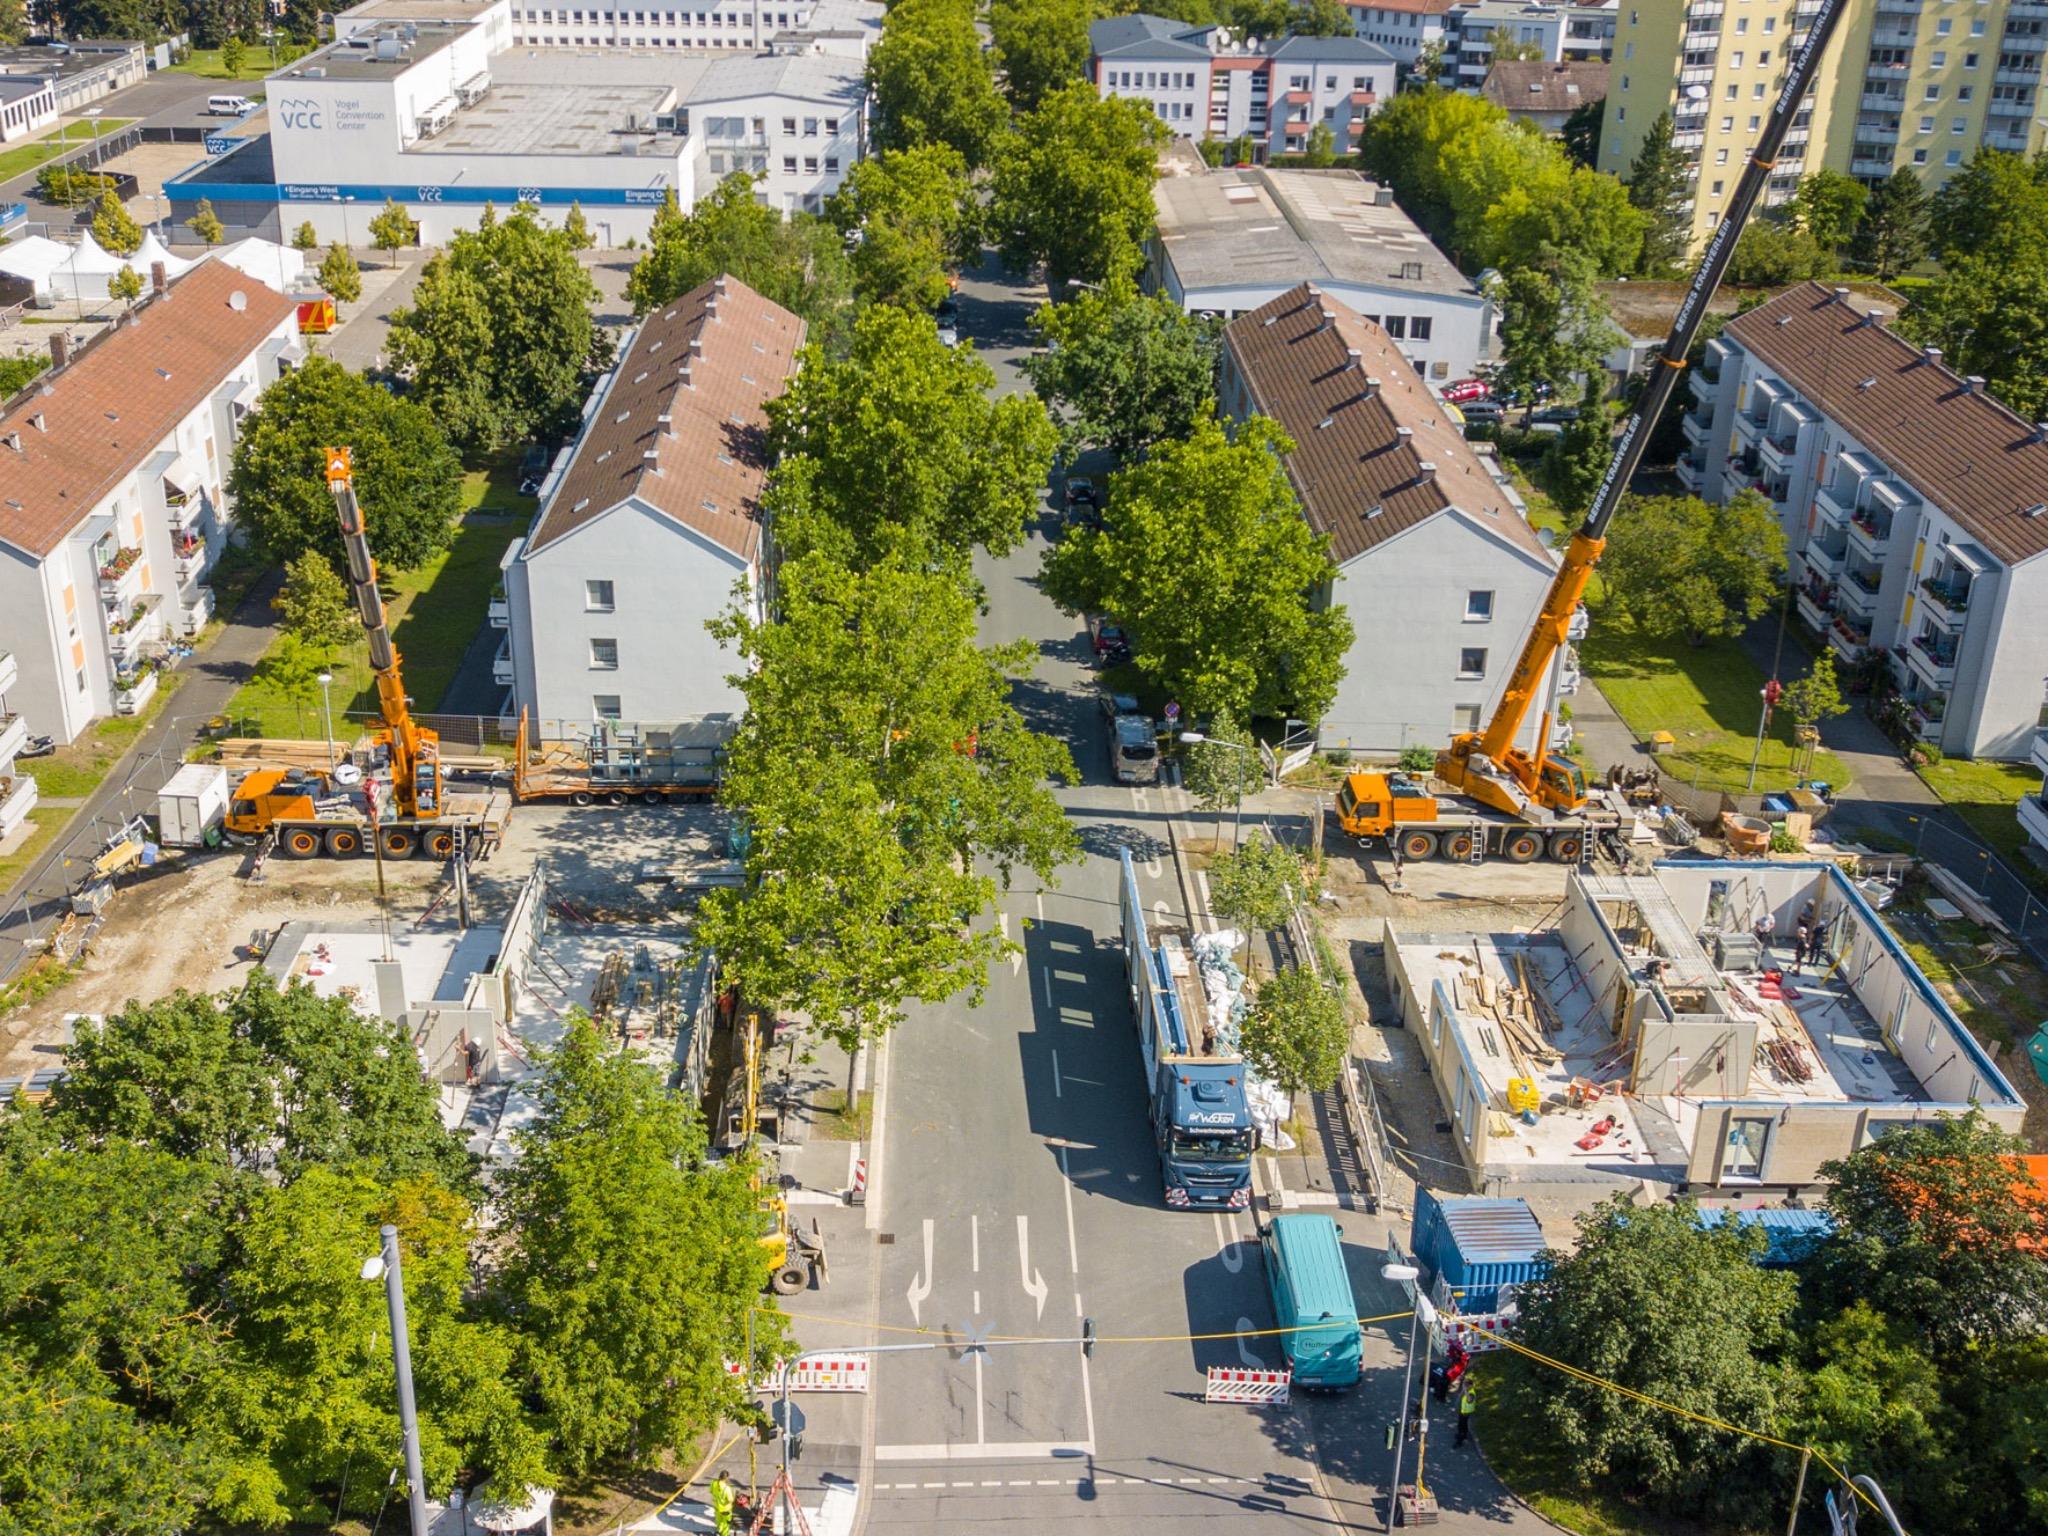 Die Fertigstellung der Holz-Hybridhäuser in der Zellerau soll 2021 erfolgen. Foto: xtrakt media Thomas Düchtel